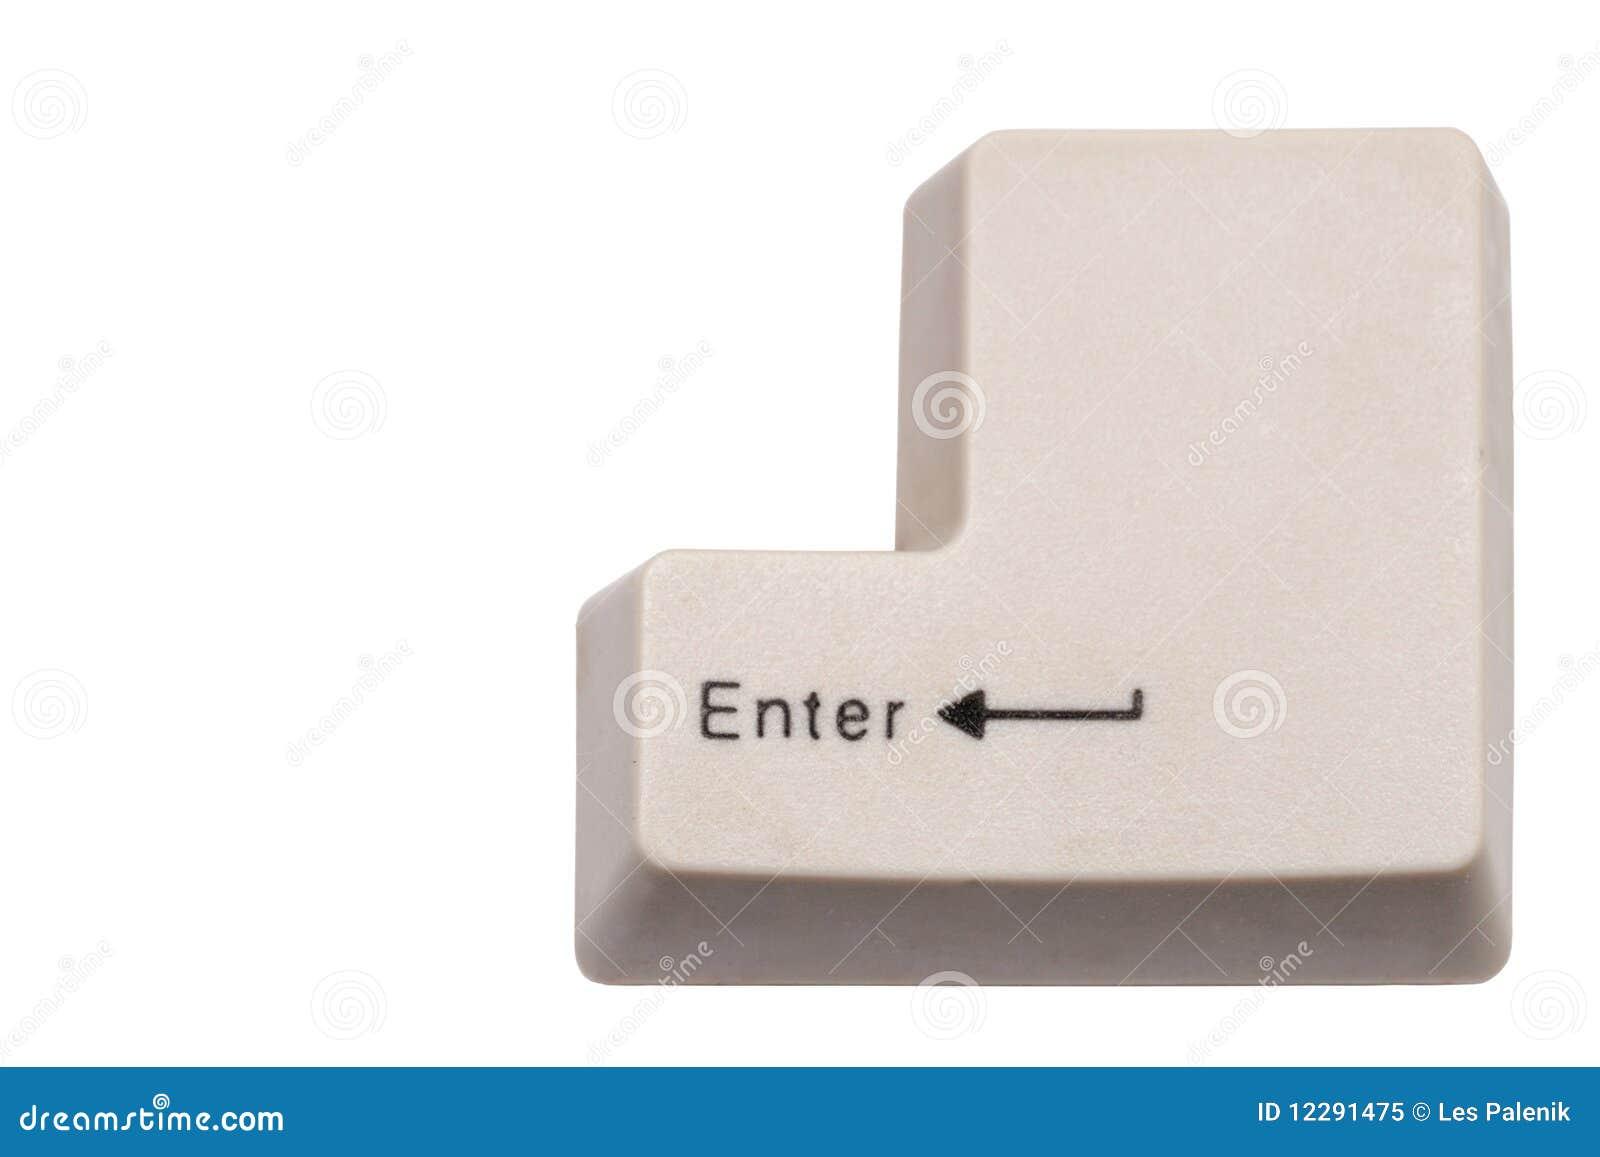 Enter Key Royalty Free Stock Photo Image 12291475